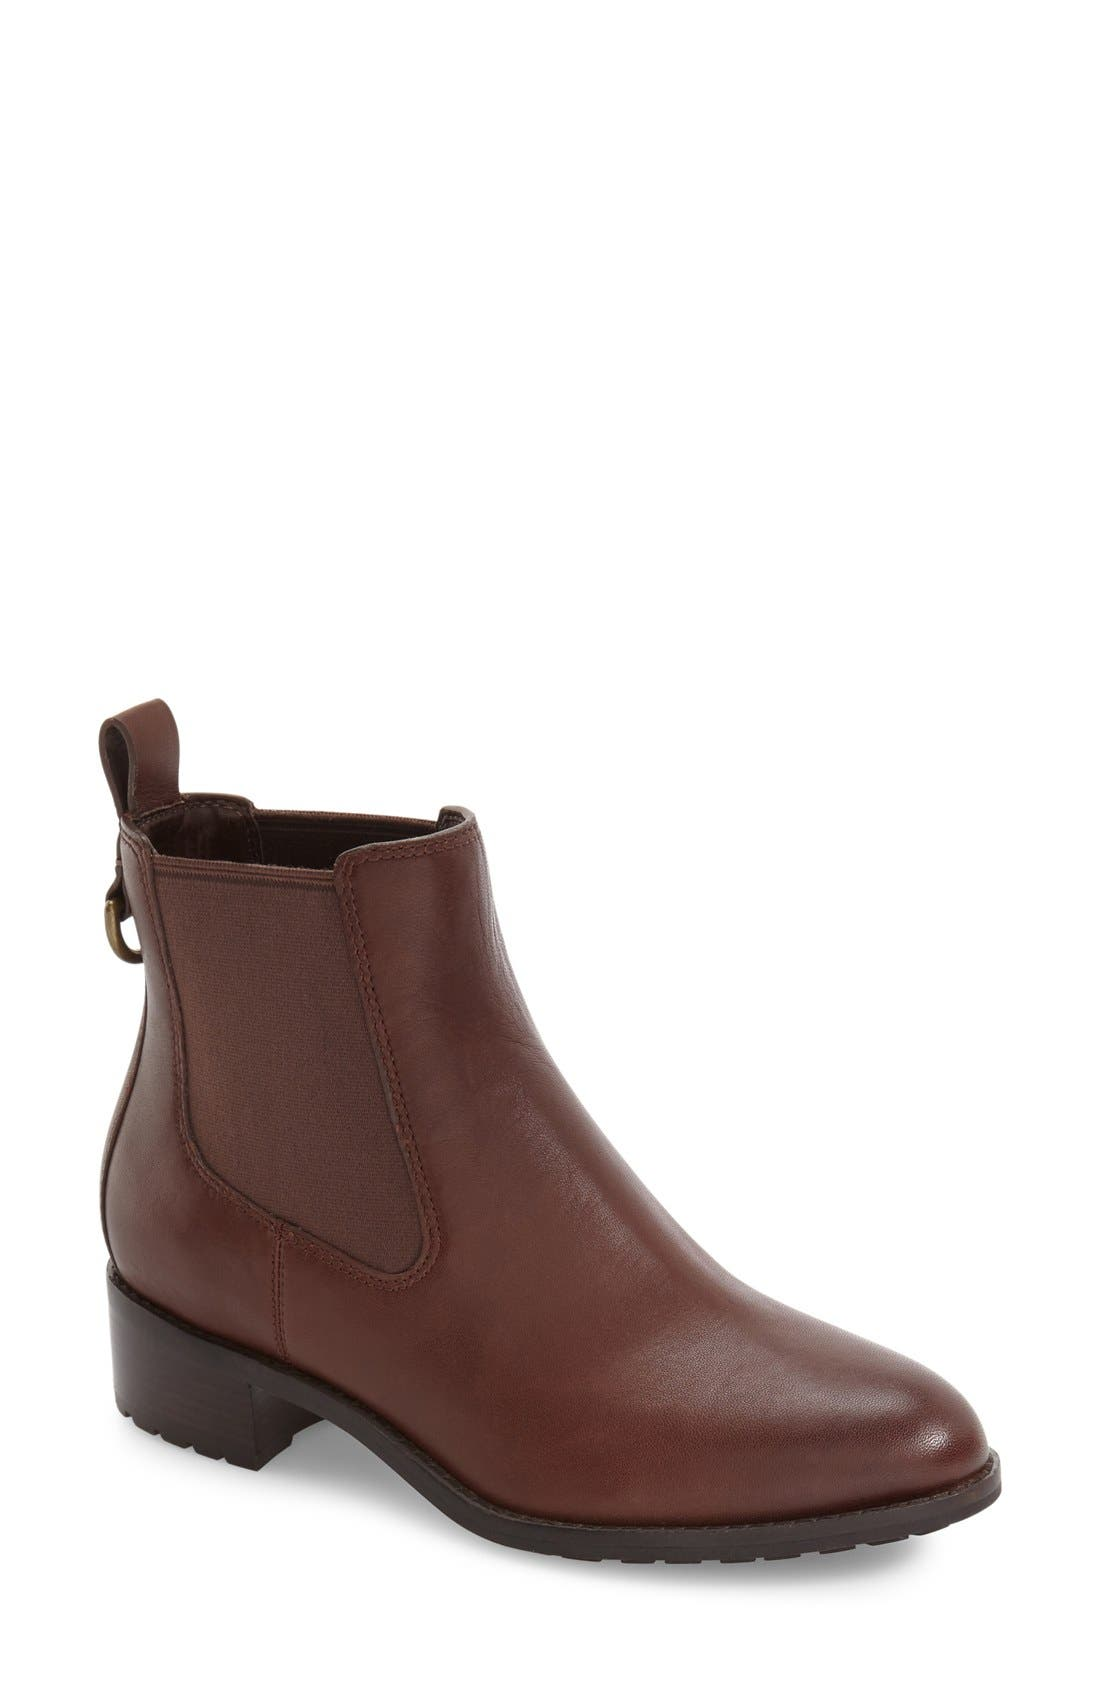 Main Image - Cole Haan 'Newburg' Waterproof Chelsea Boot (Women)